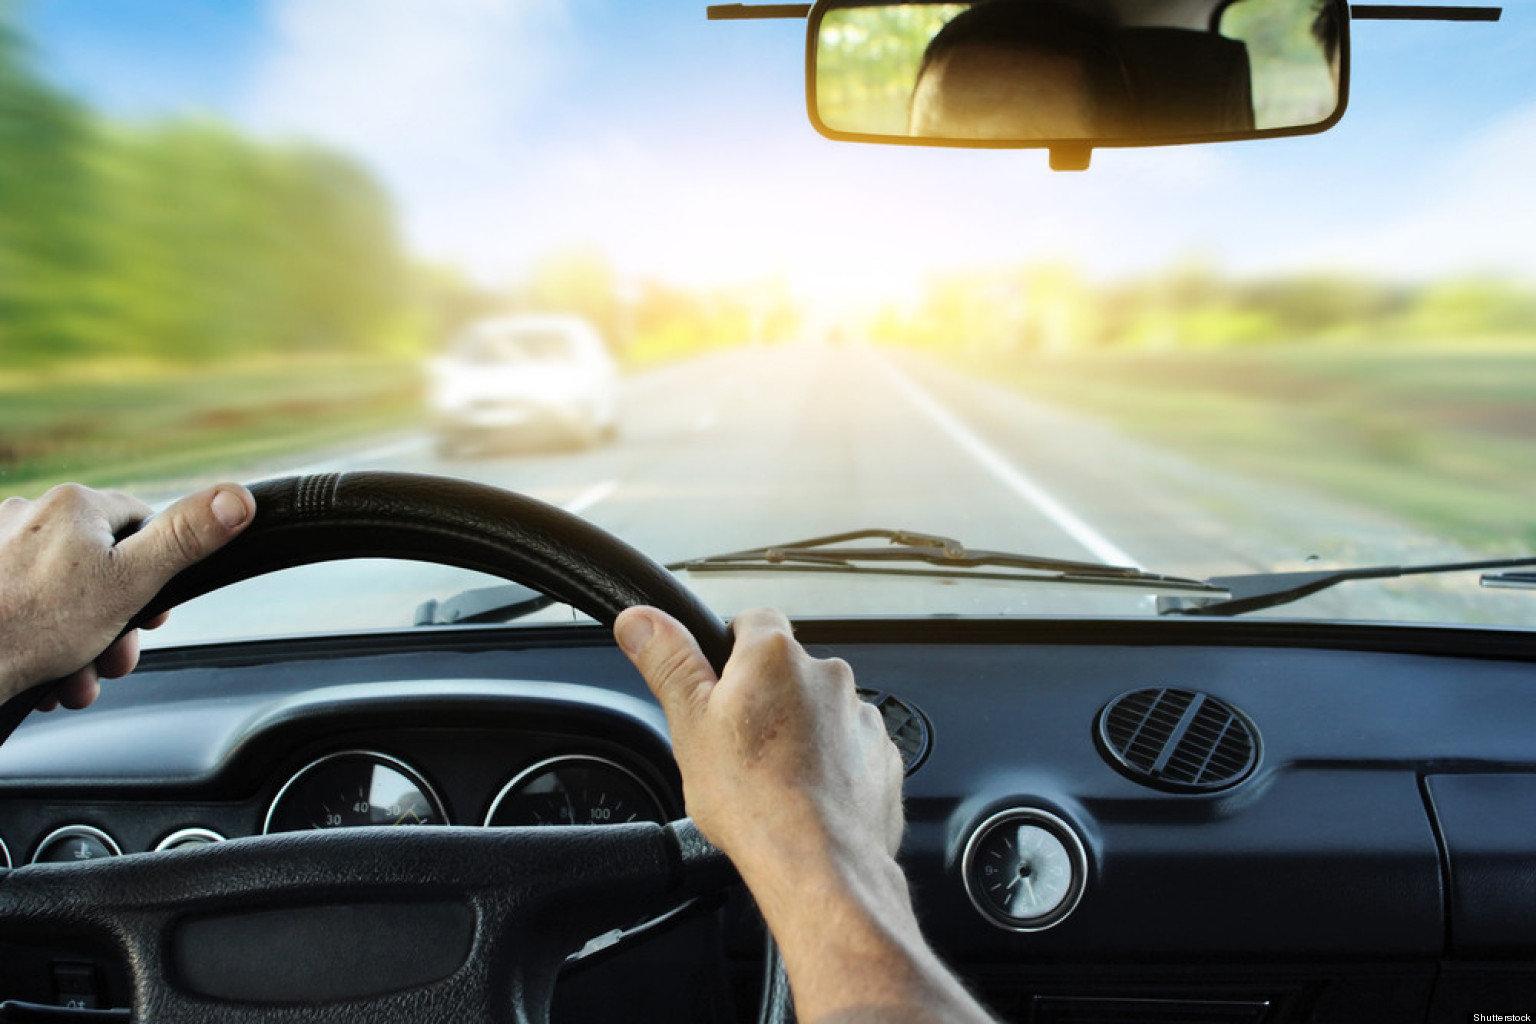 Driver License Vision Test